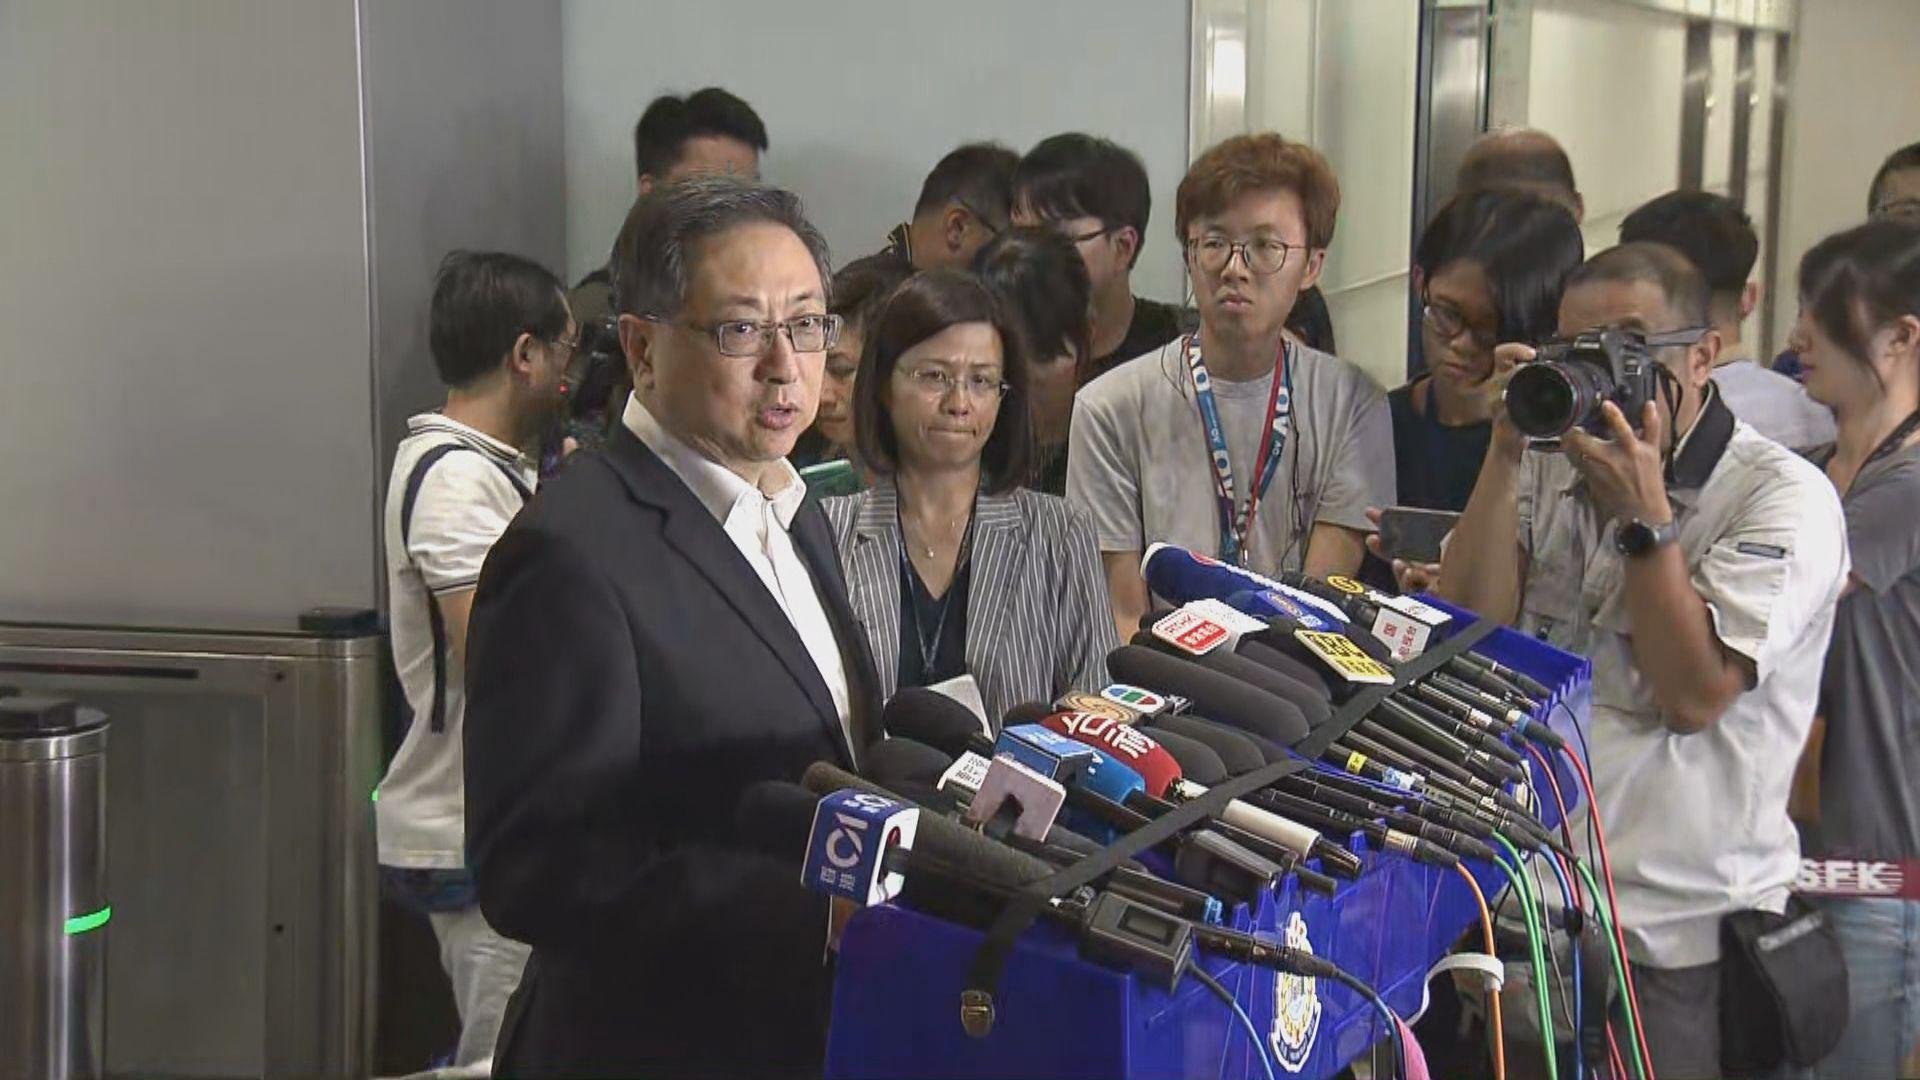 盧偉聰:如無參與暴力行為不干犯暴動罪